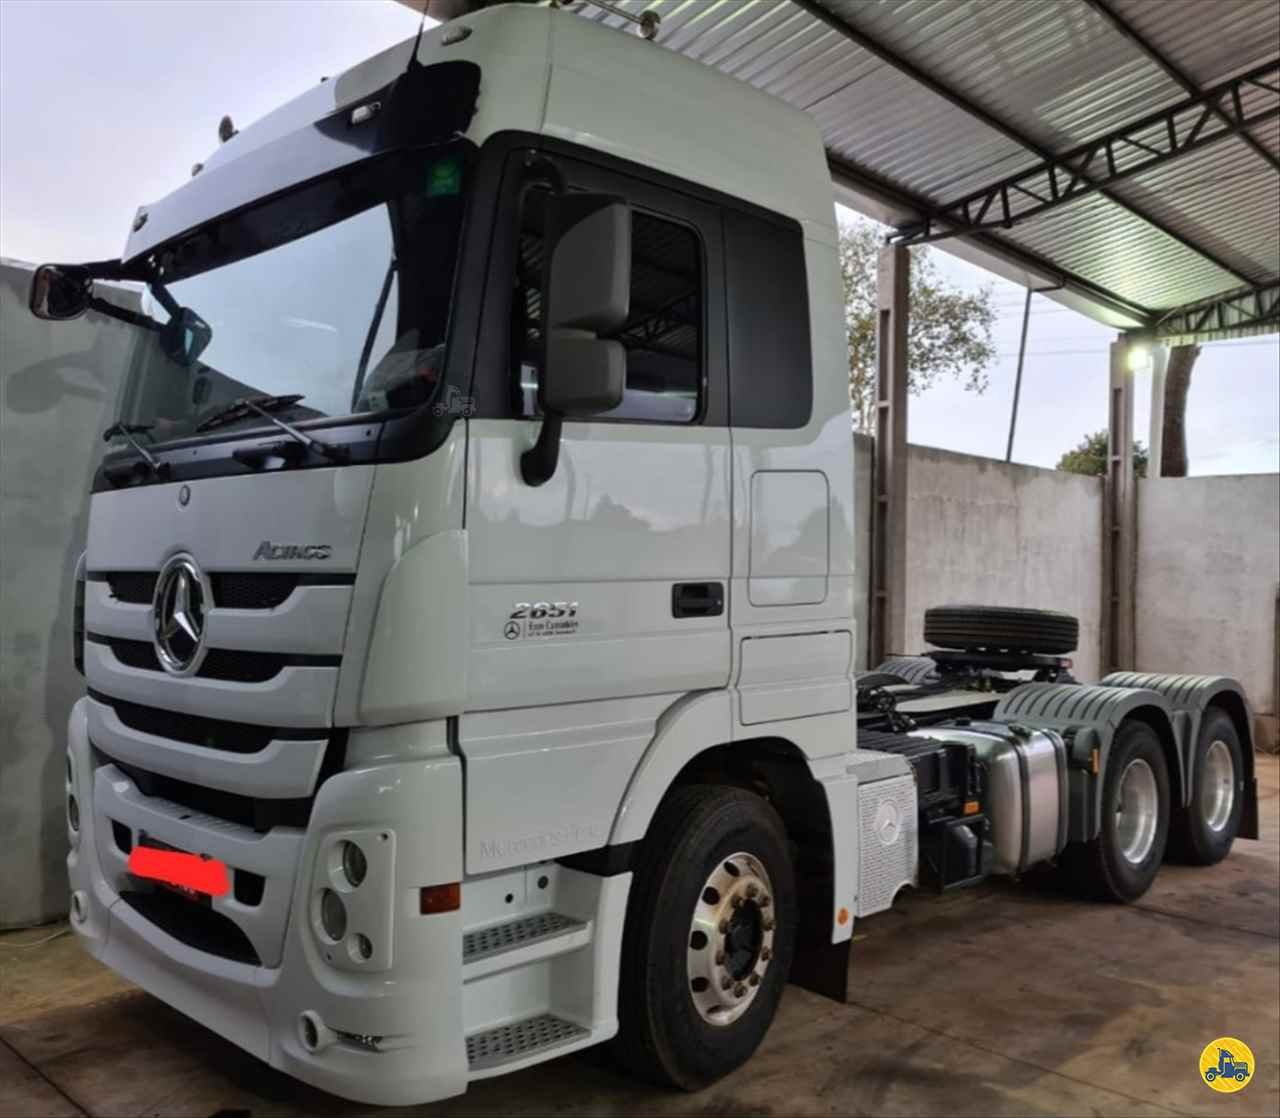 CAMINHAO MERCEDES-BENZ MB 2651 Cavalo Mecânico Traçado 6x4 Rodrigo Caminhões CAMPO GRANDE MATO GROSSO DO SUL MS